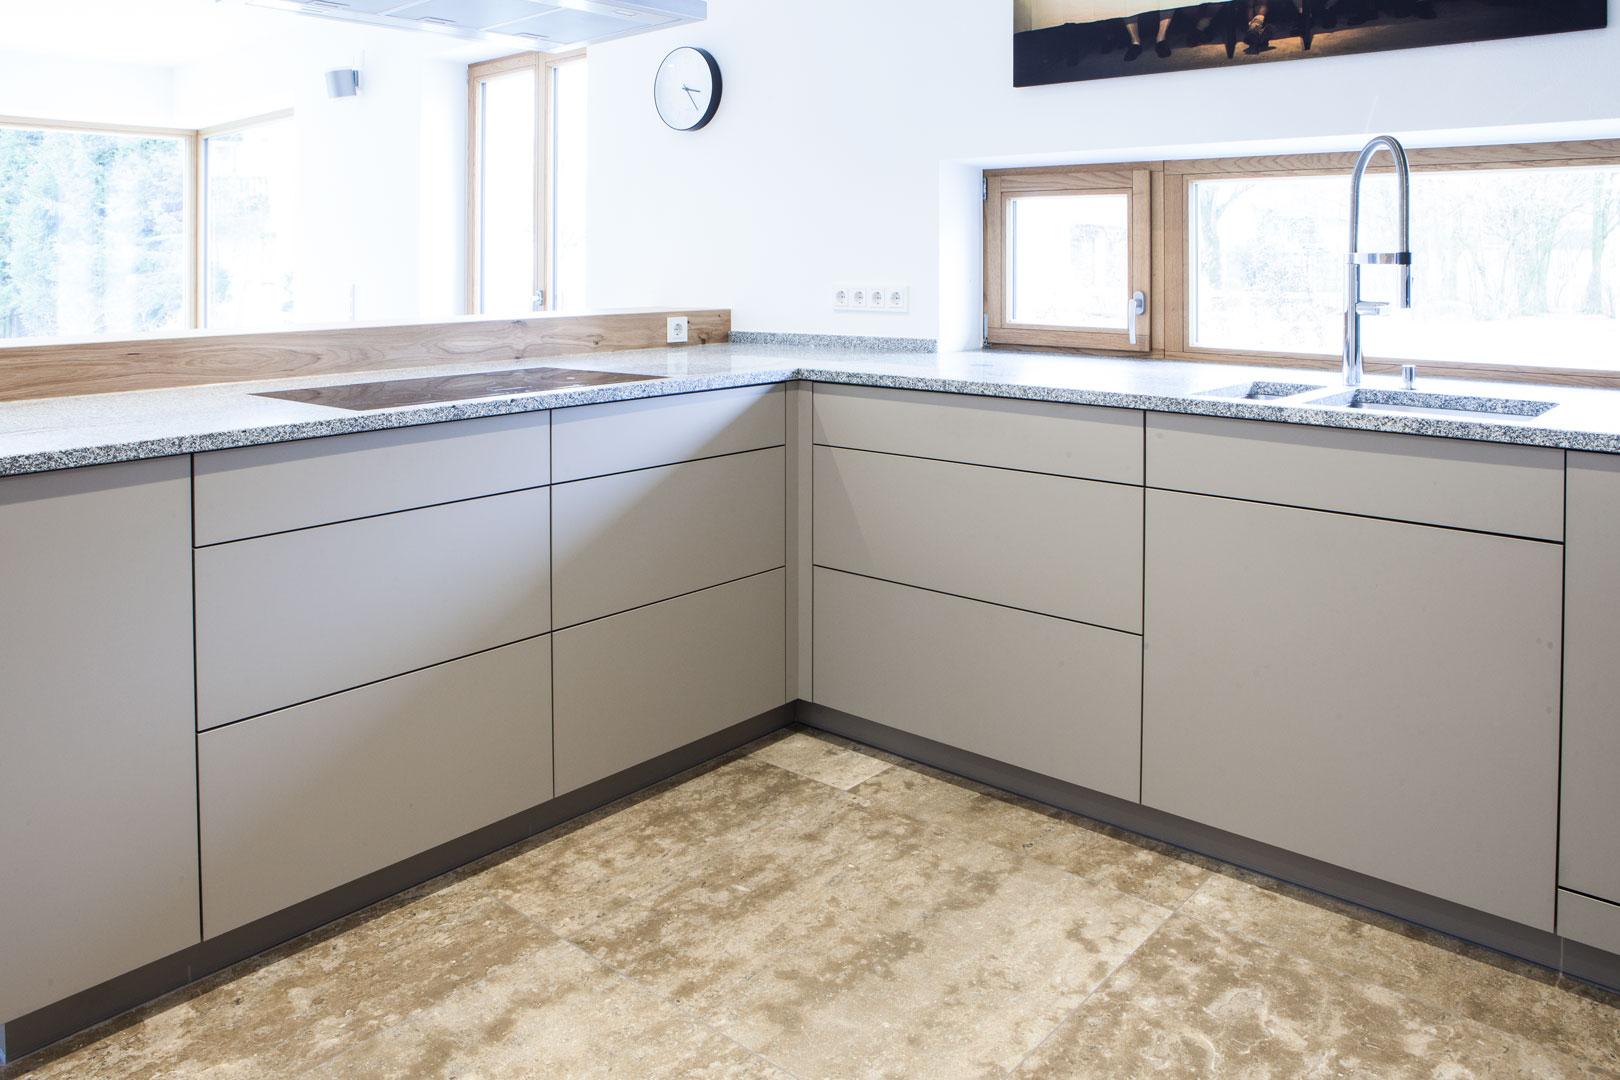 ... Küche In Grau Mit Frühstückstresen Aus Massivem Holz ...